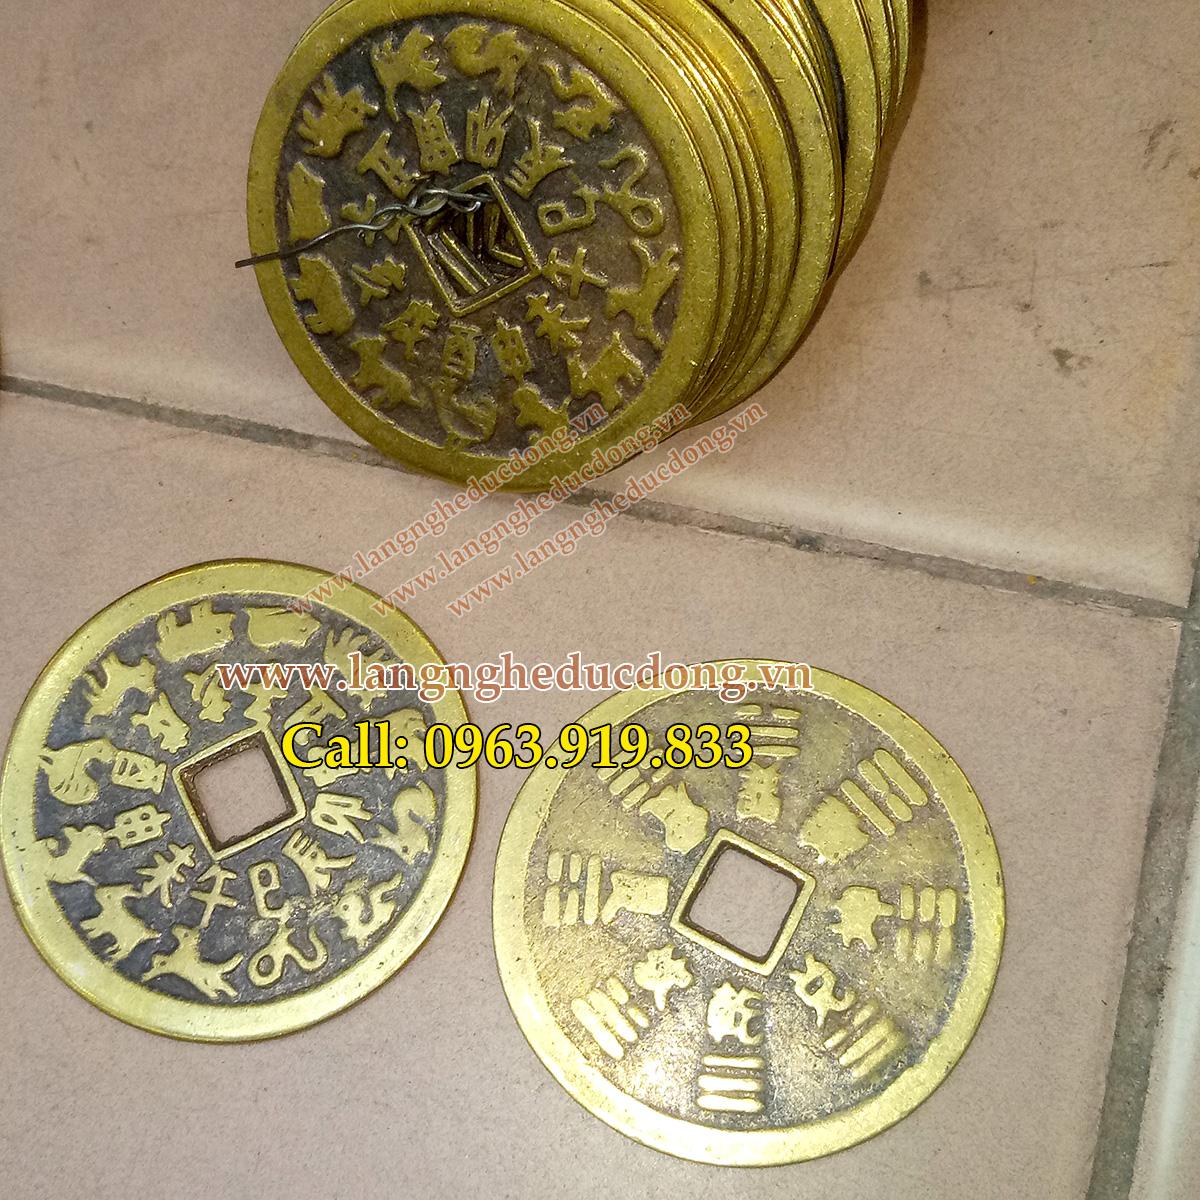 langngheducdong.vn - tiền xu, tiền phong thủy, vật phẩm phong thủy bằng đồng